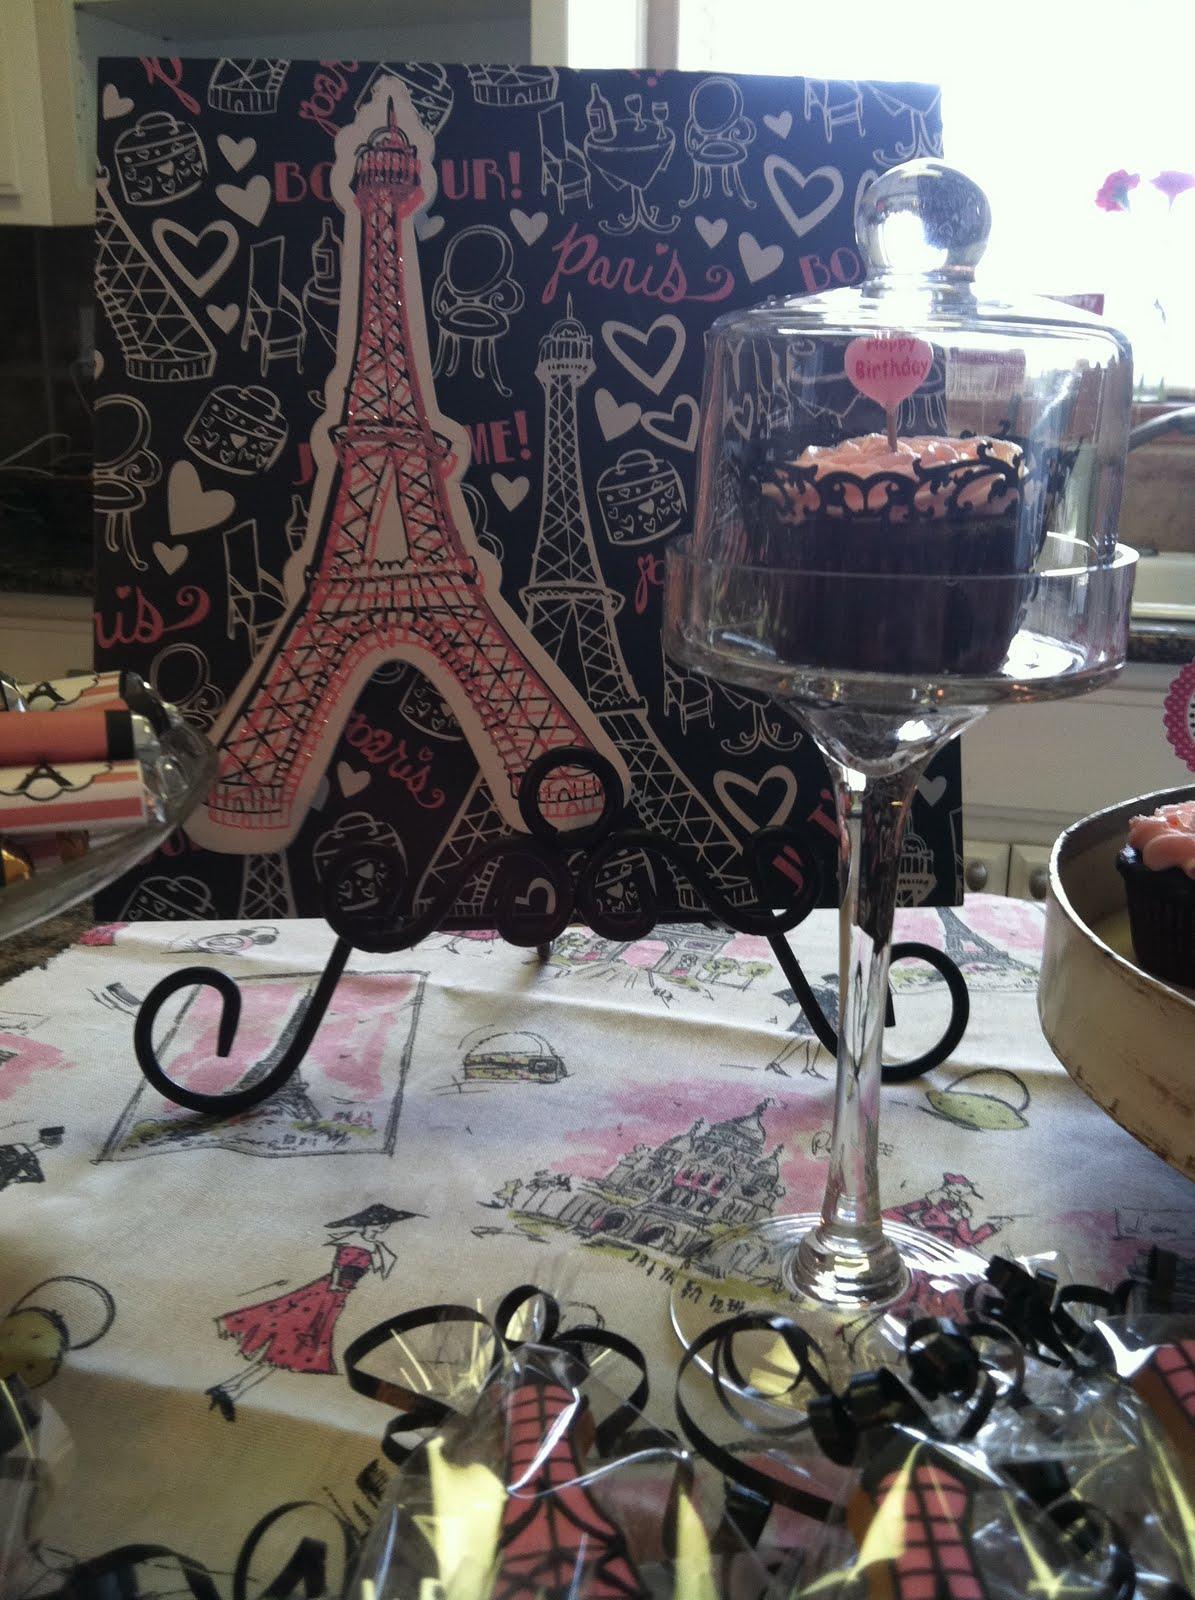 The Baeza Blog: Paris Party!